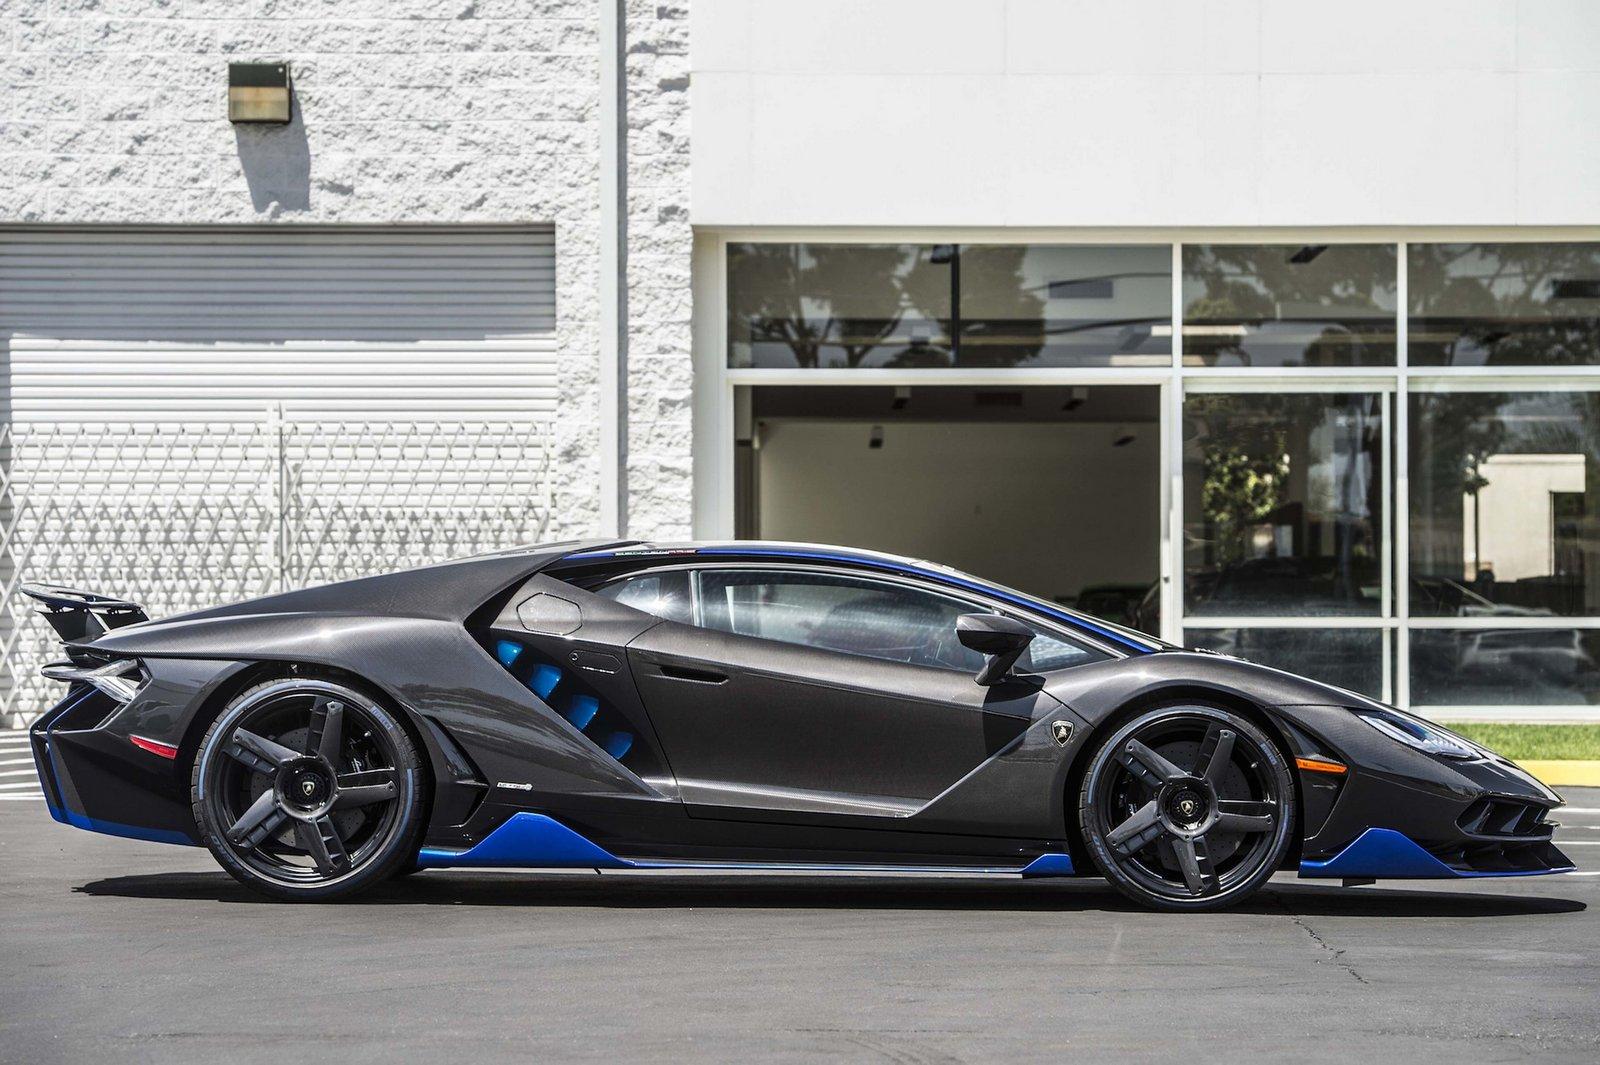 Lamborghini Centenario 2018 Price >> Lamborghini Delivers The First Centenario In The U.S.   Carscoops